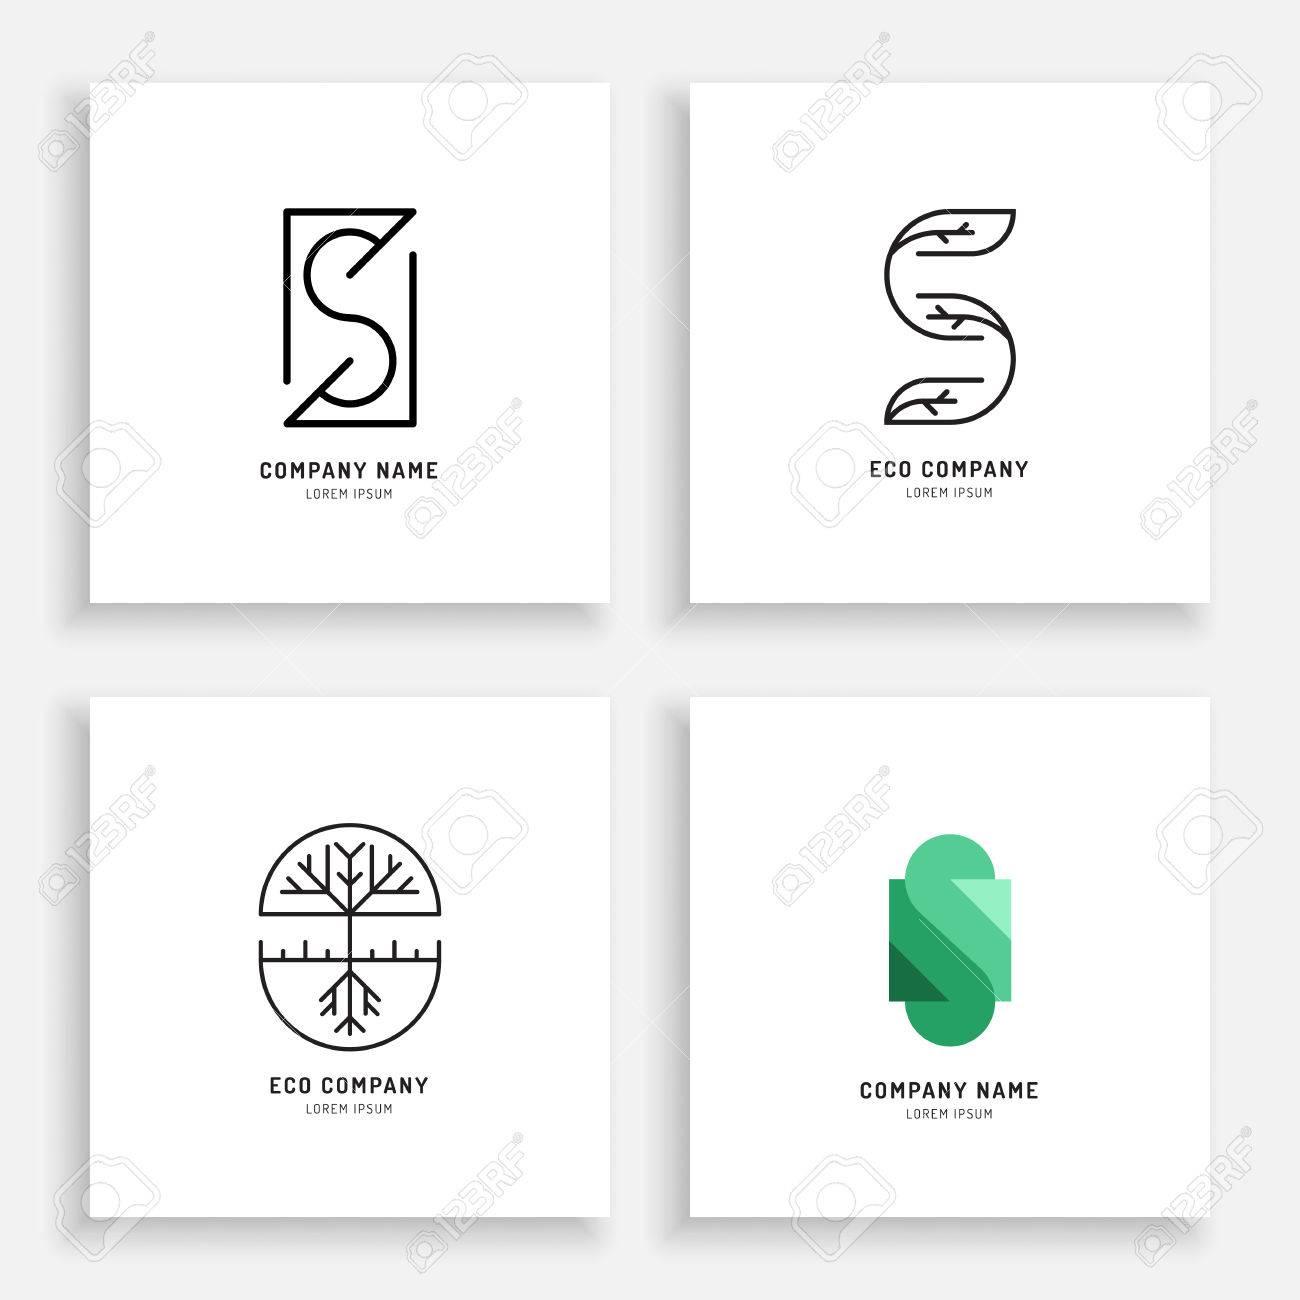 Vector Set Abstract Green Tree Logo Design Templates Outline - Logo creator templates